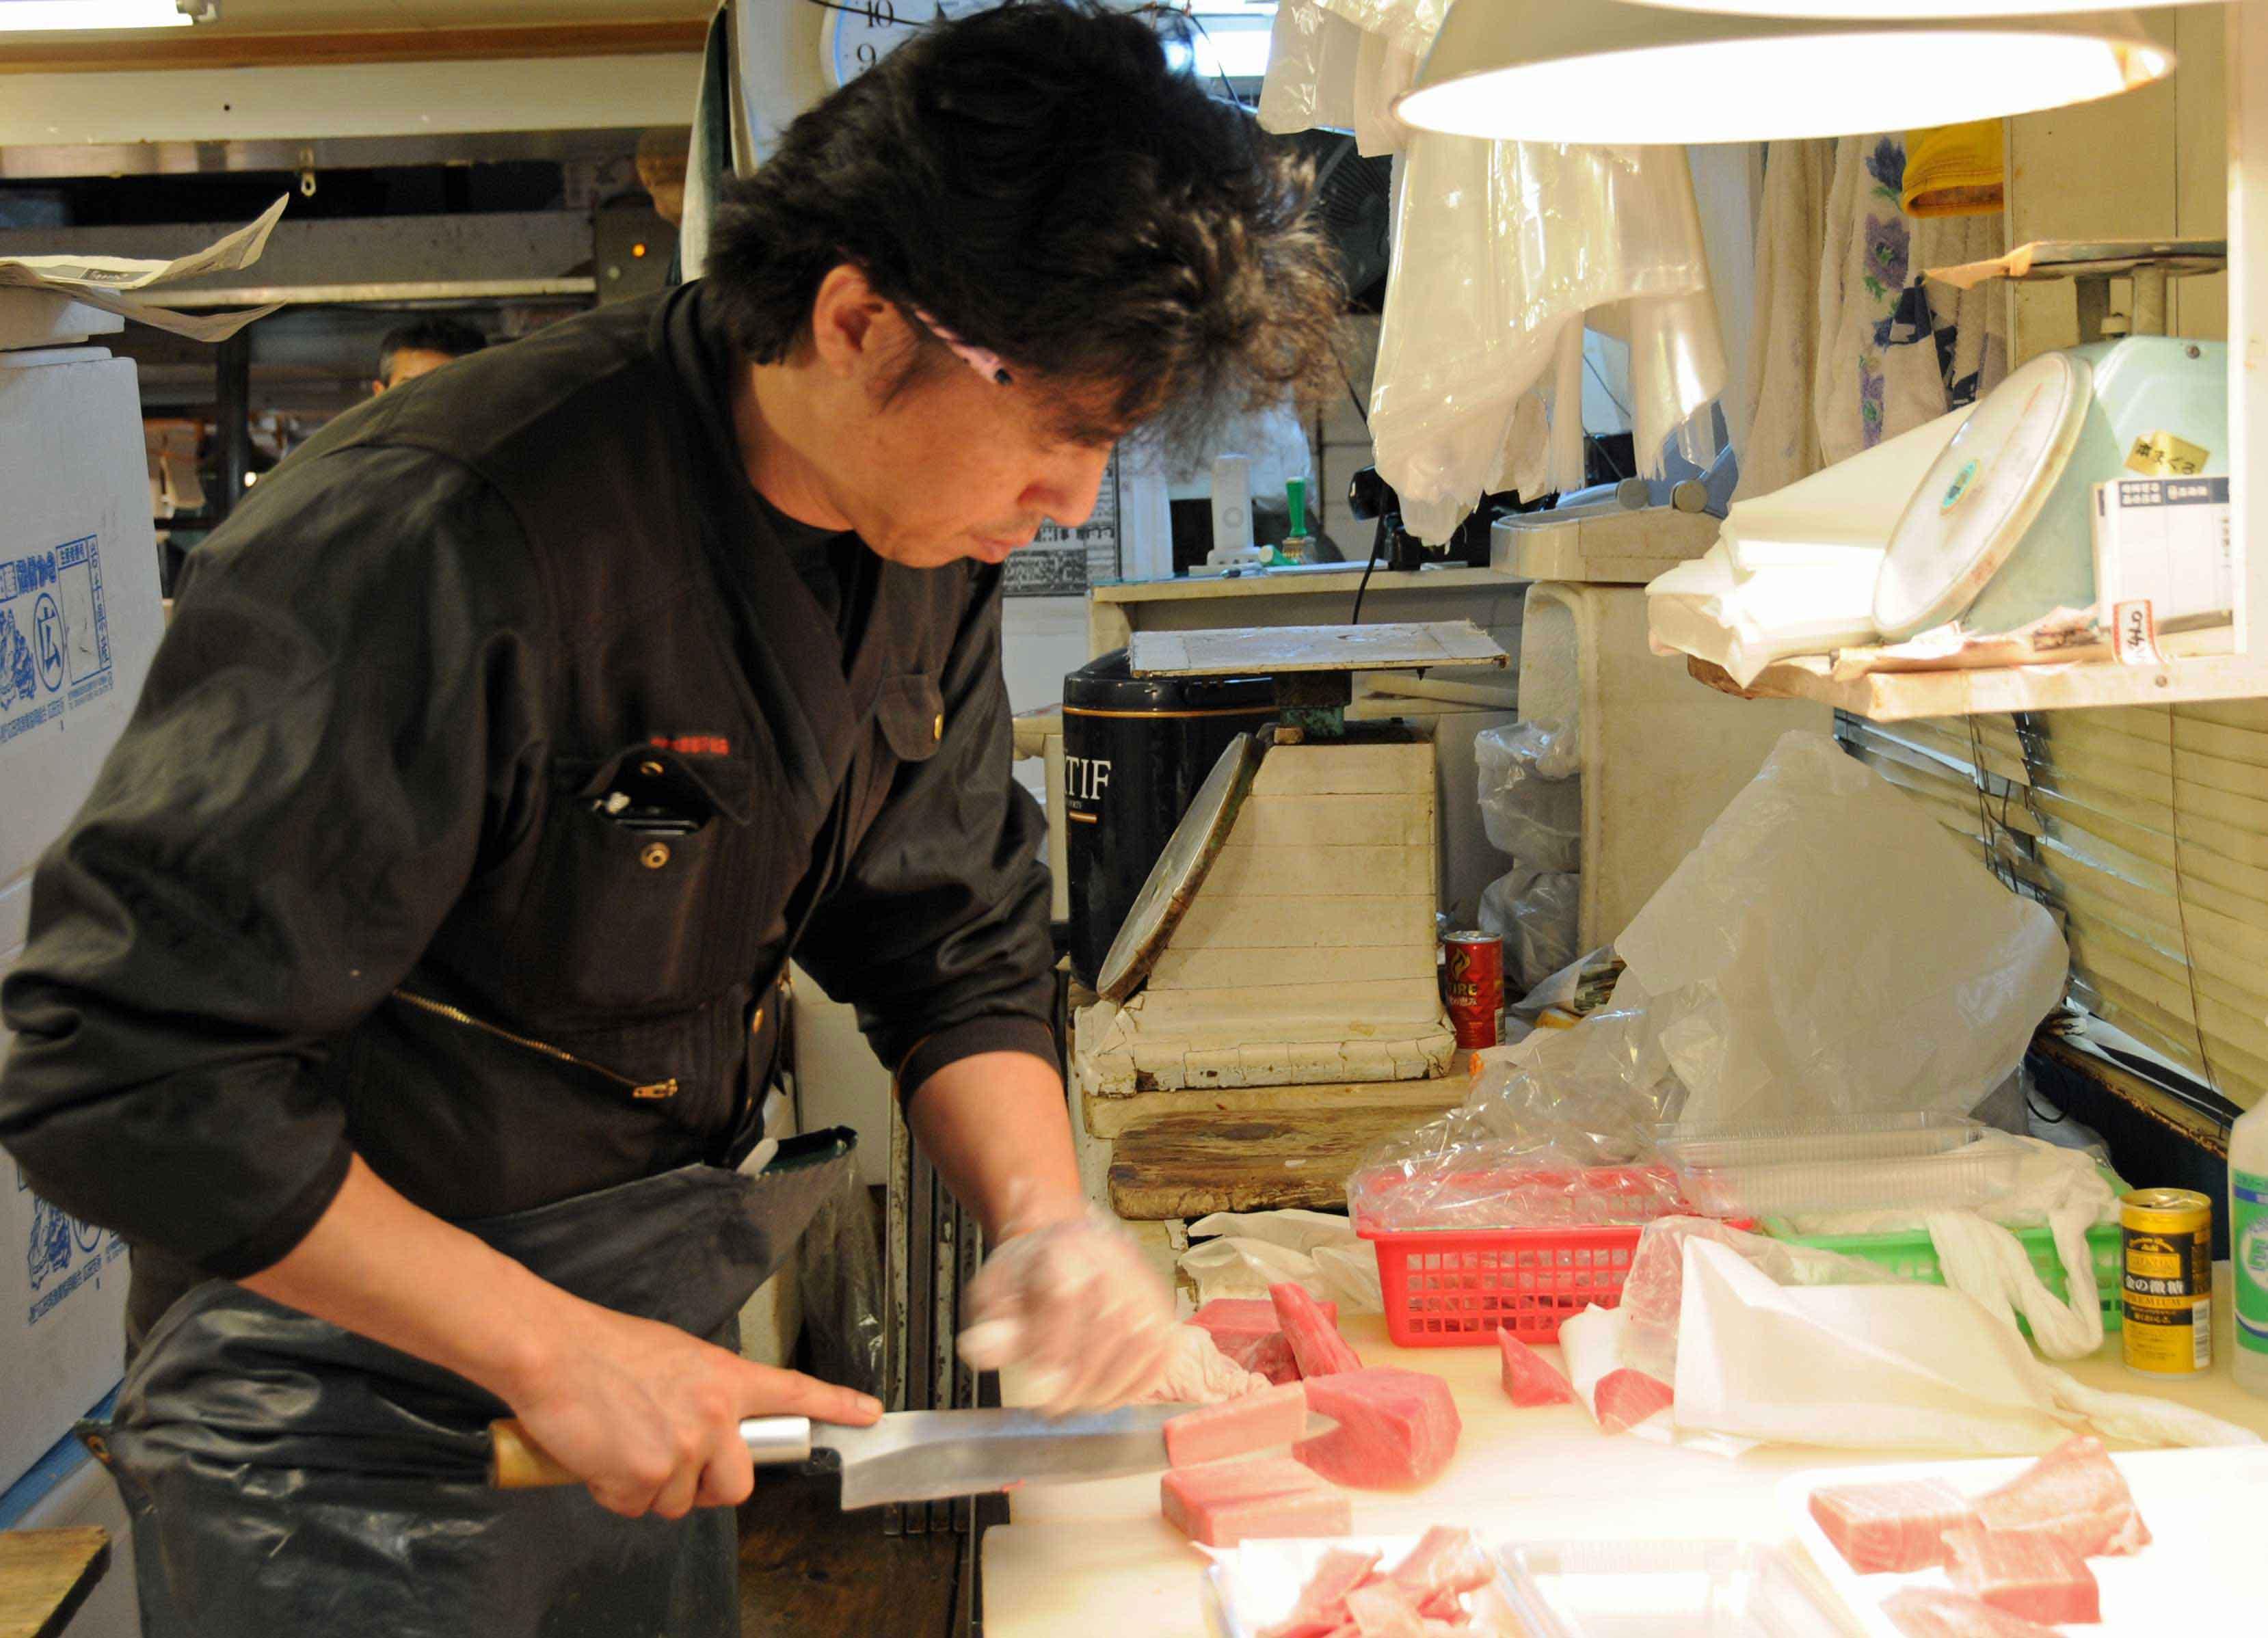 Ein Fischhändler schneidet Thunfisch.